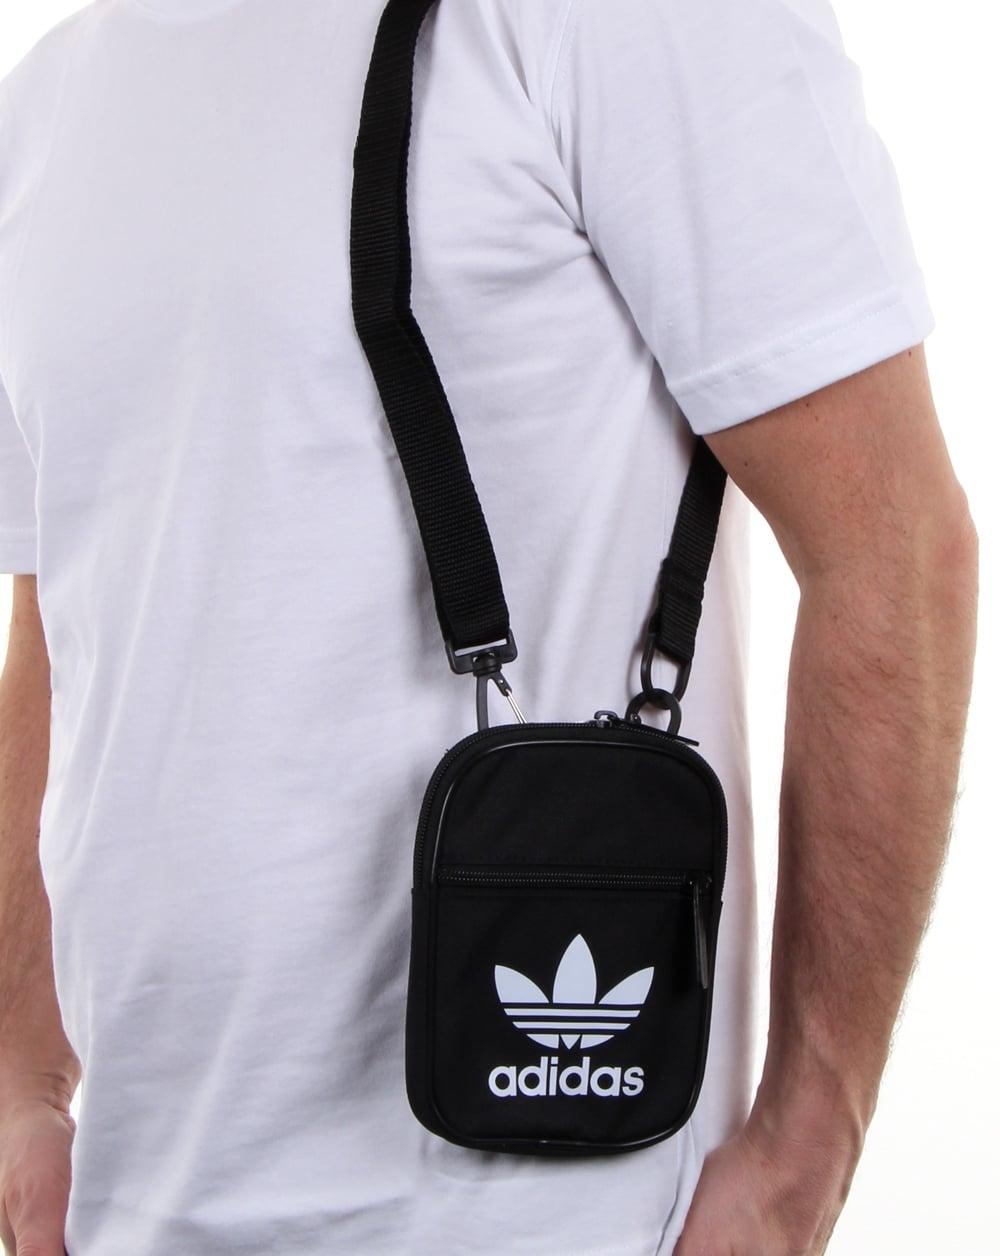 7032bfa9600 Buy small adidas messenger bag   OFF56% Discounted